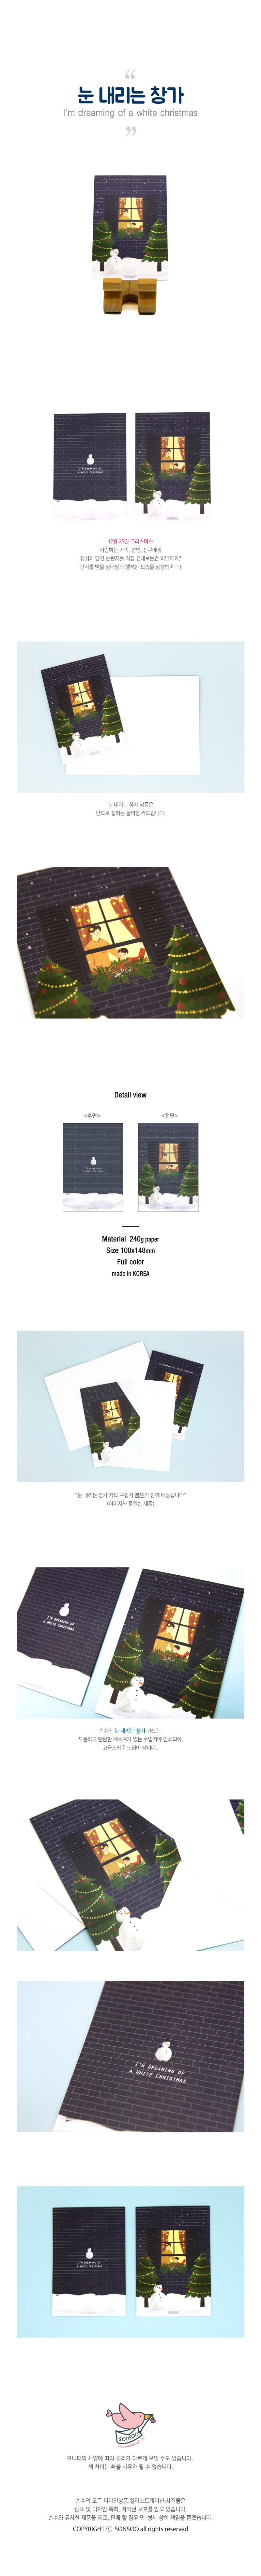 눈내리는 창가 - 손수카드, 2,500원, 카드, 크리스마스 카드